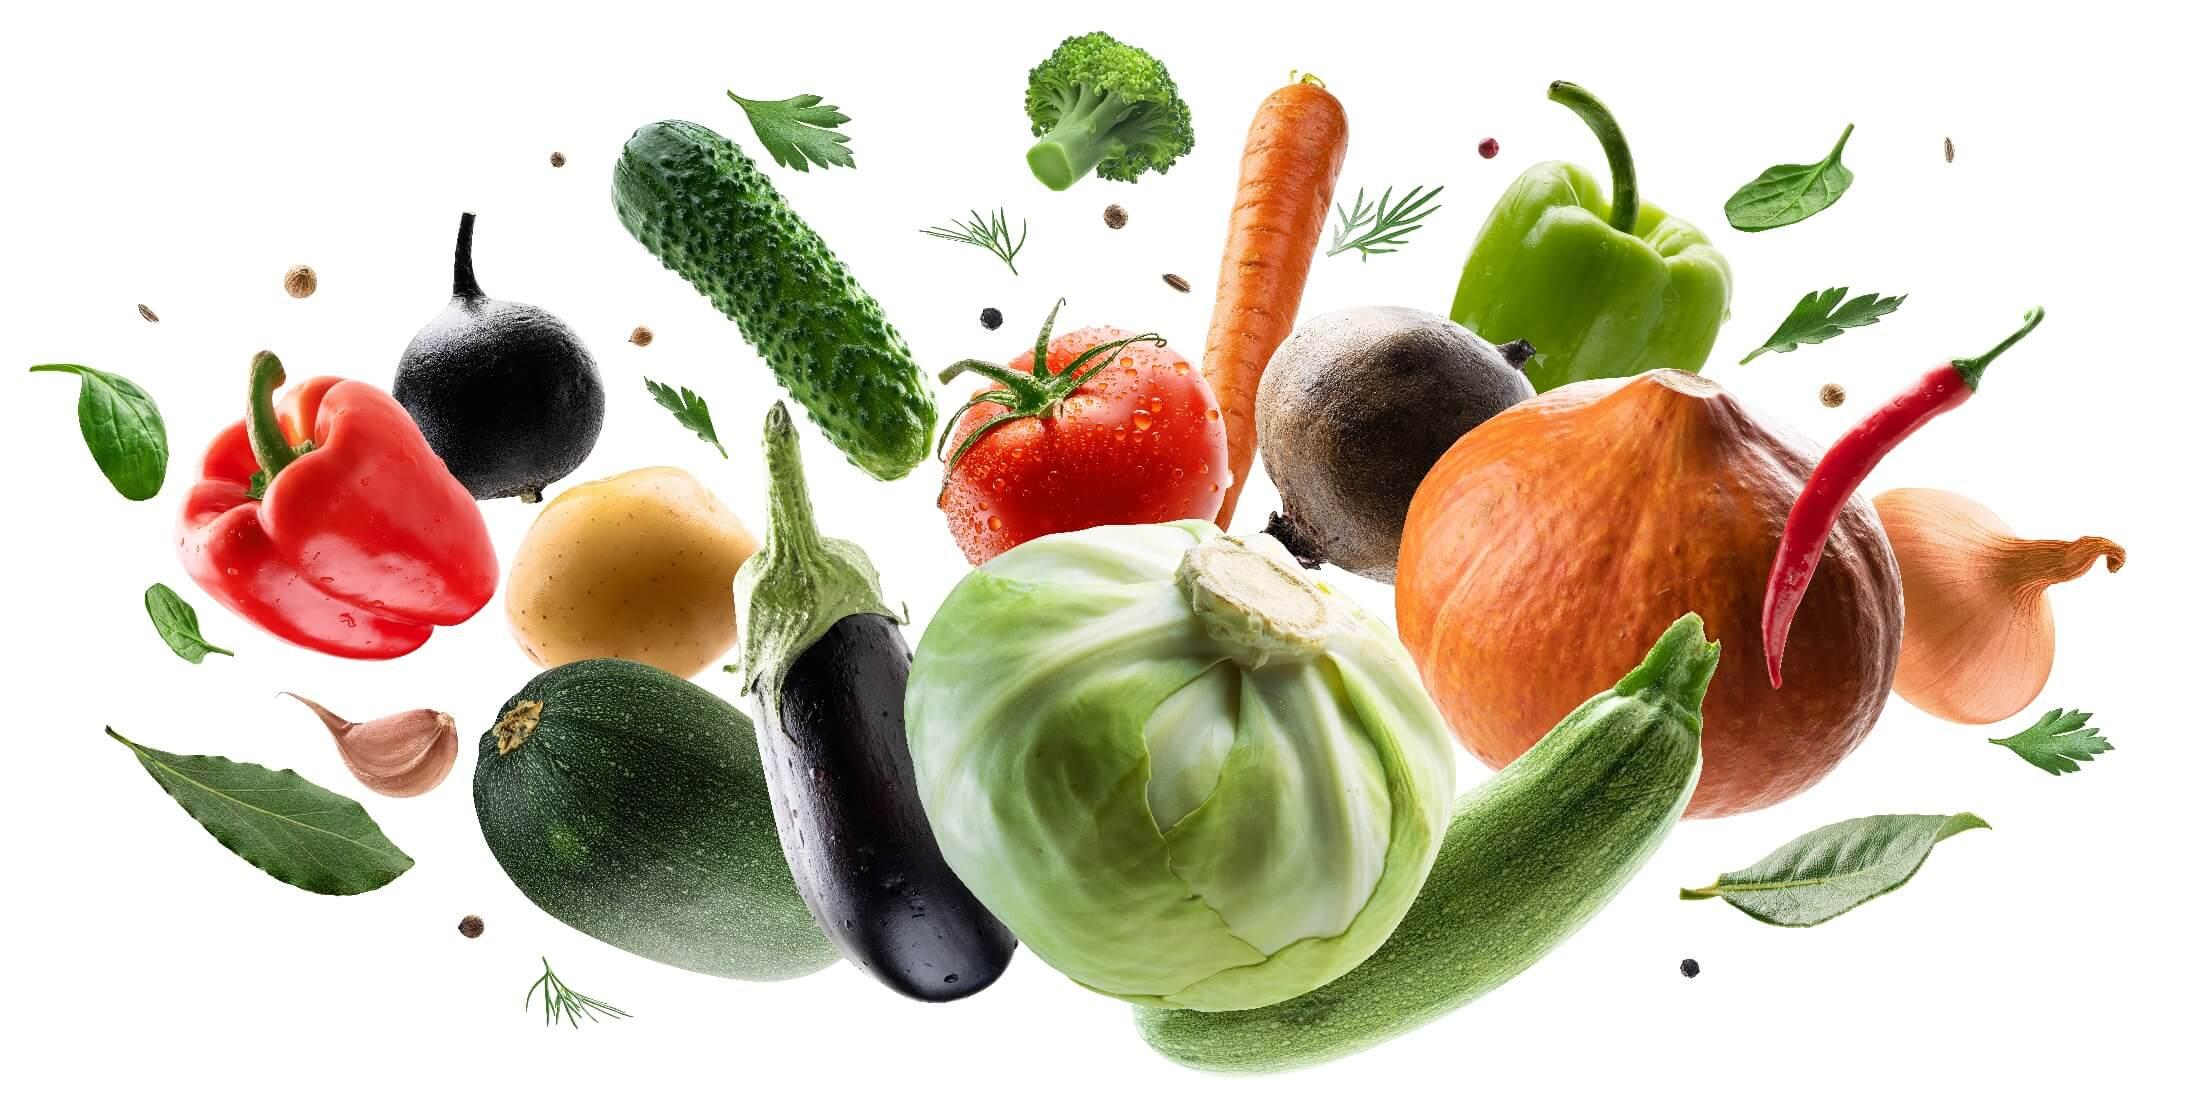 Qu'est-ce qu'un fruit et qu'est-ce qu'un légume ?